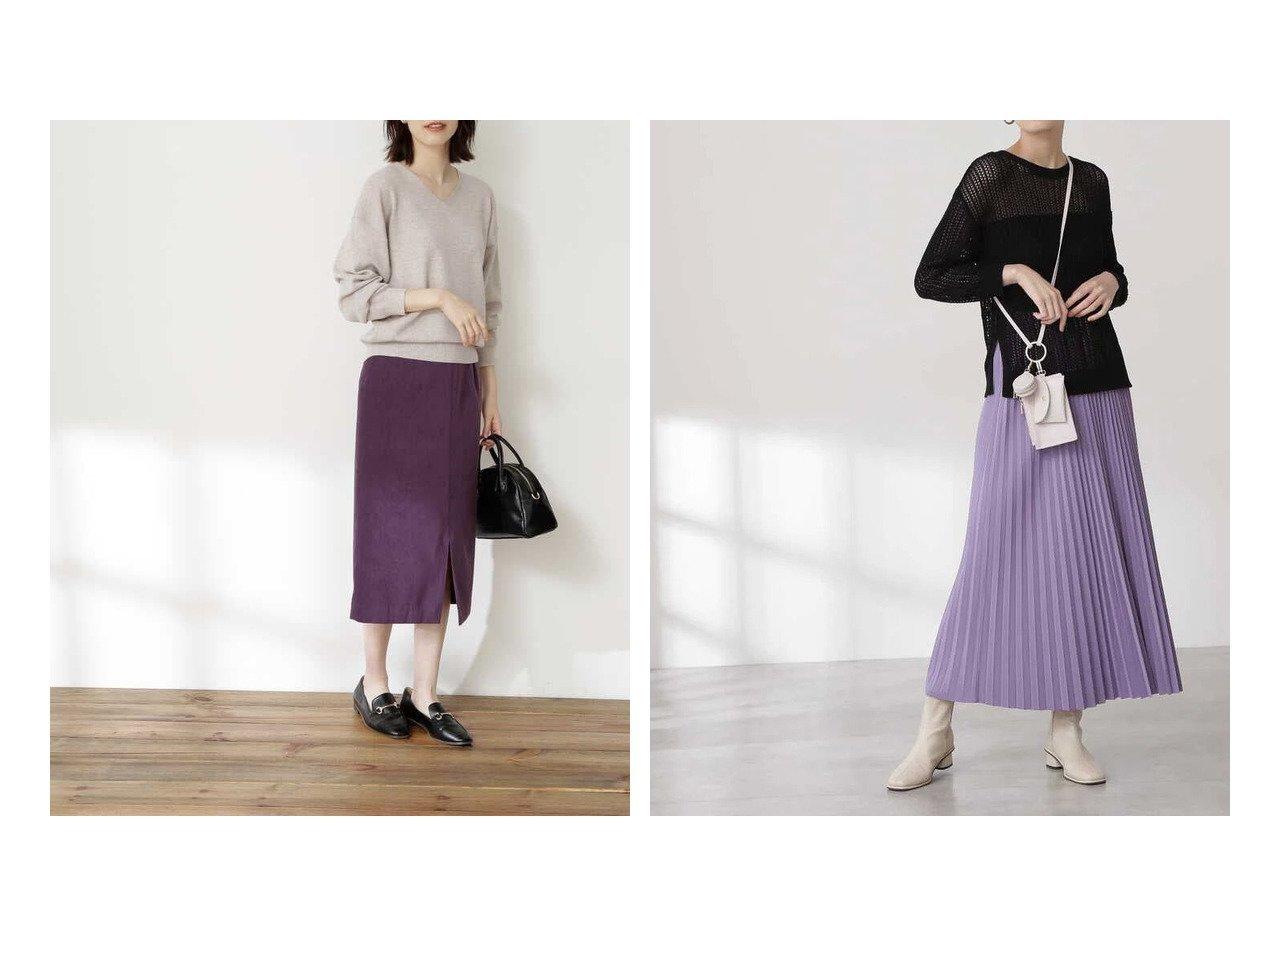 【N.Natural Beauty basic/エヌ ナチュラルビューティーベーシック】のピーチタイトスカート《S Size Line》&リバーシブルプリーツスカート 【スカート】おすすめ!人気、トレンド・レディースファッションの通販 おすすめで人気の流行・トレンド、ファッションの通販商品 インテリア・家具・メンズファッション・キッズファッション・レディースファッション・服の通販 founy(ファニー) https://founy.com/ ファッション Fashion レディースファッション WOMEN スカート Skirt プリーツスカート Pleated Skirts シンプル スリット センター バランス ピーチ ロング プリーツ リバーシブル  ID:crp329100000065216